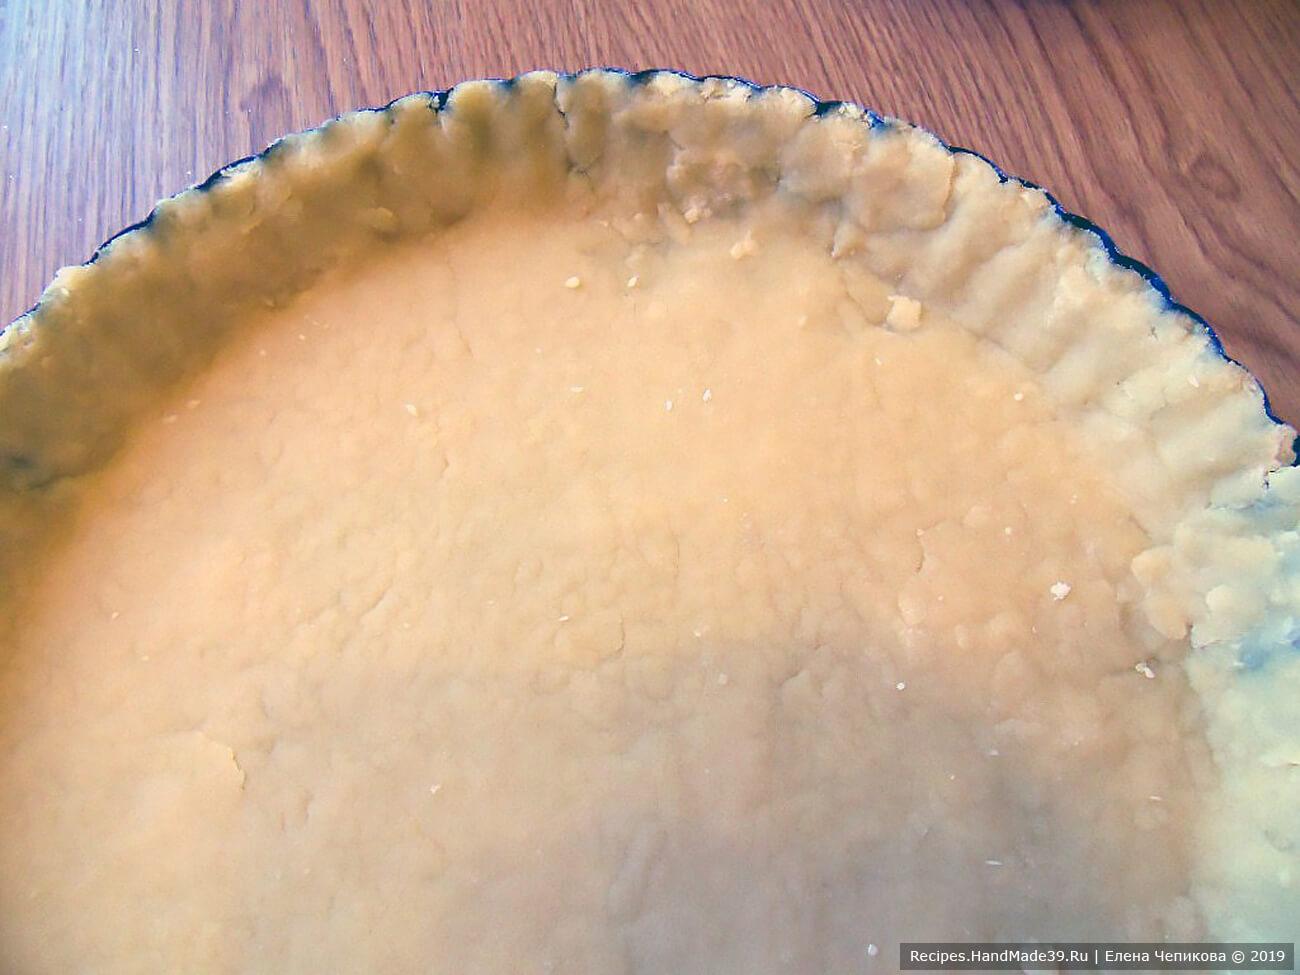 Французский луковый пирог – фото шаг 10. Песочное тесто раскатать в пласт. Уложить в форму, сделать бортики